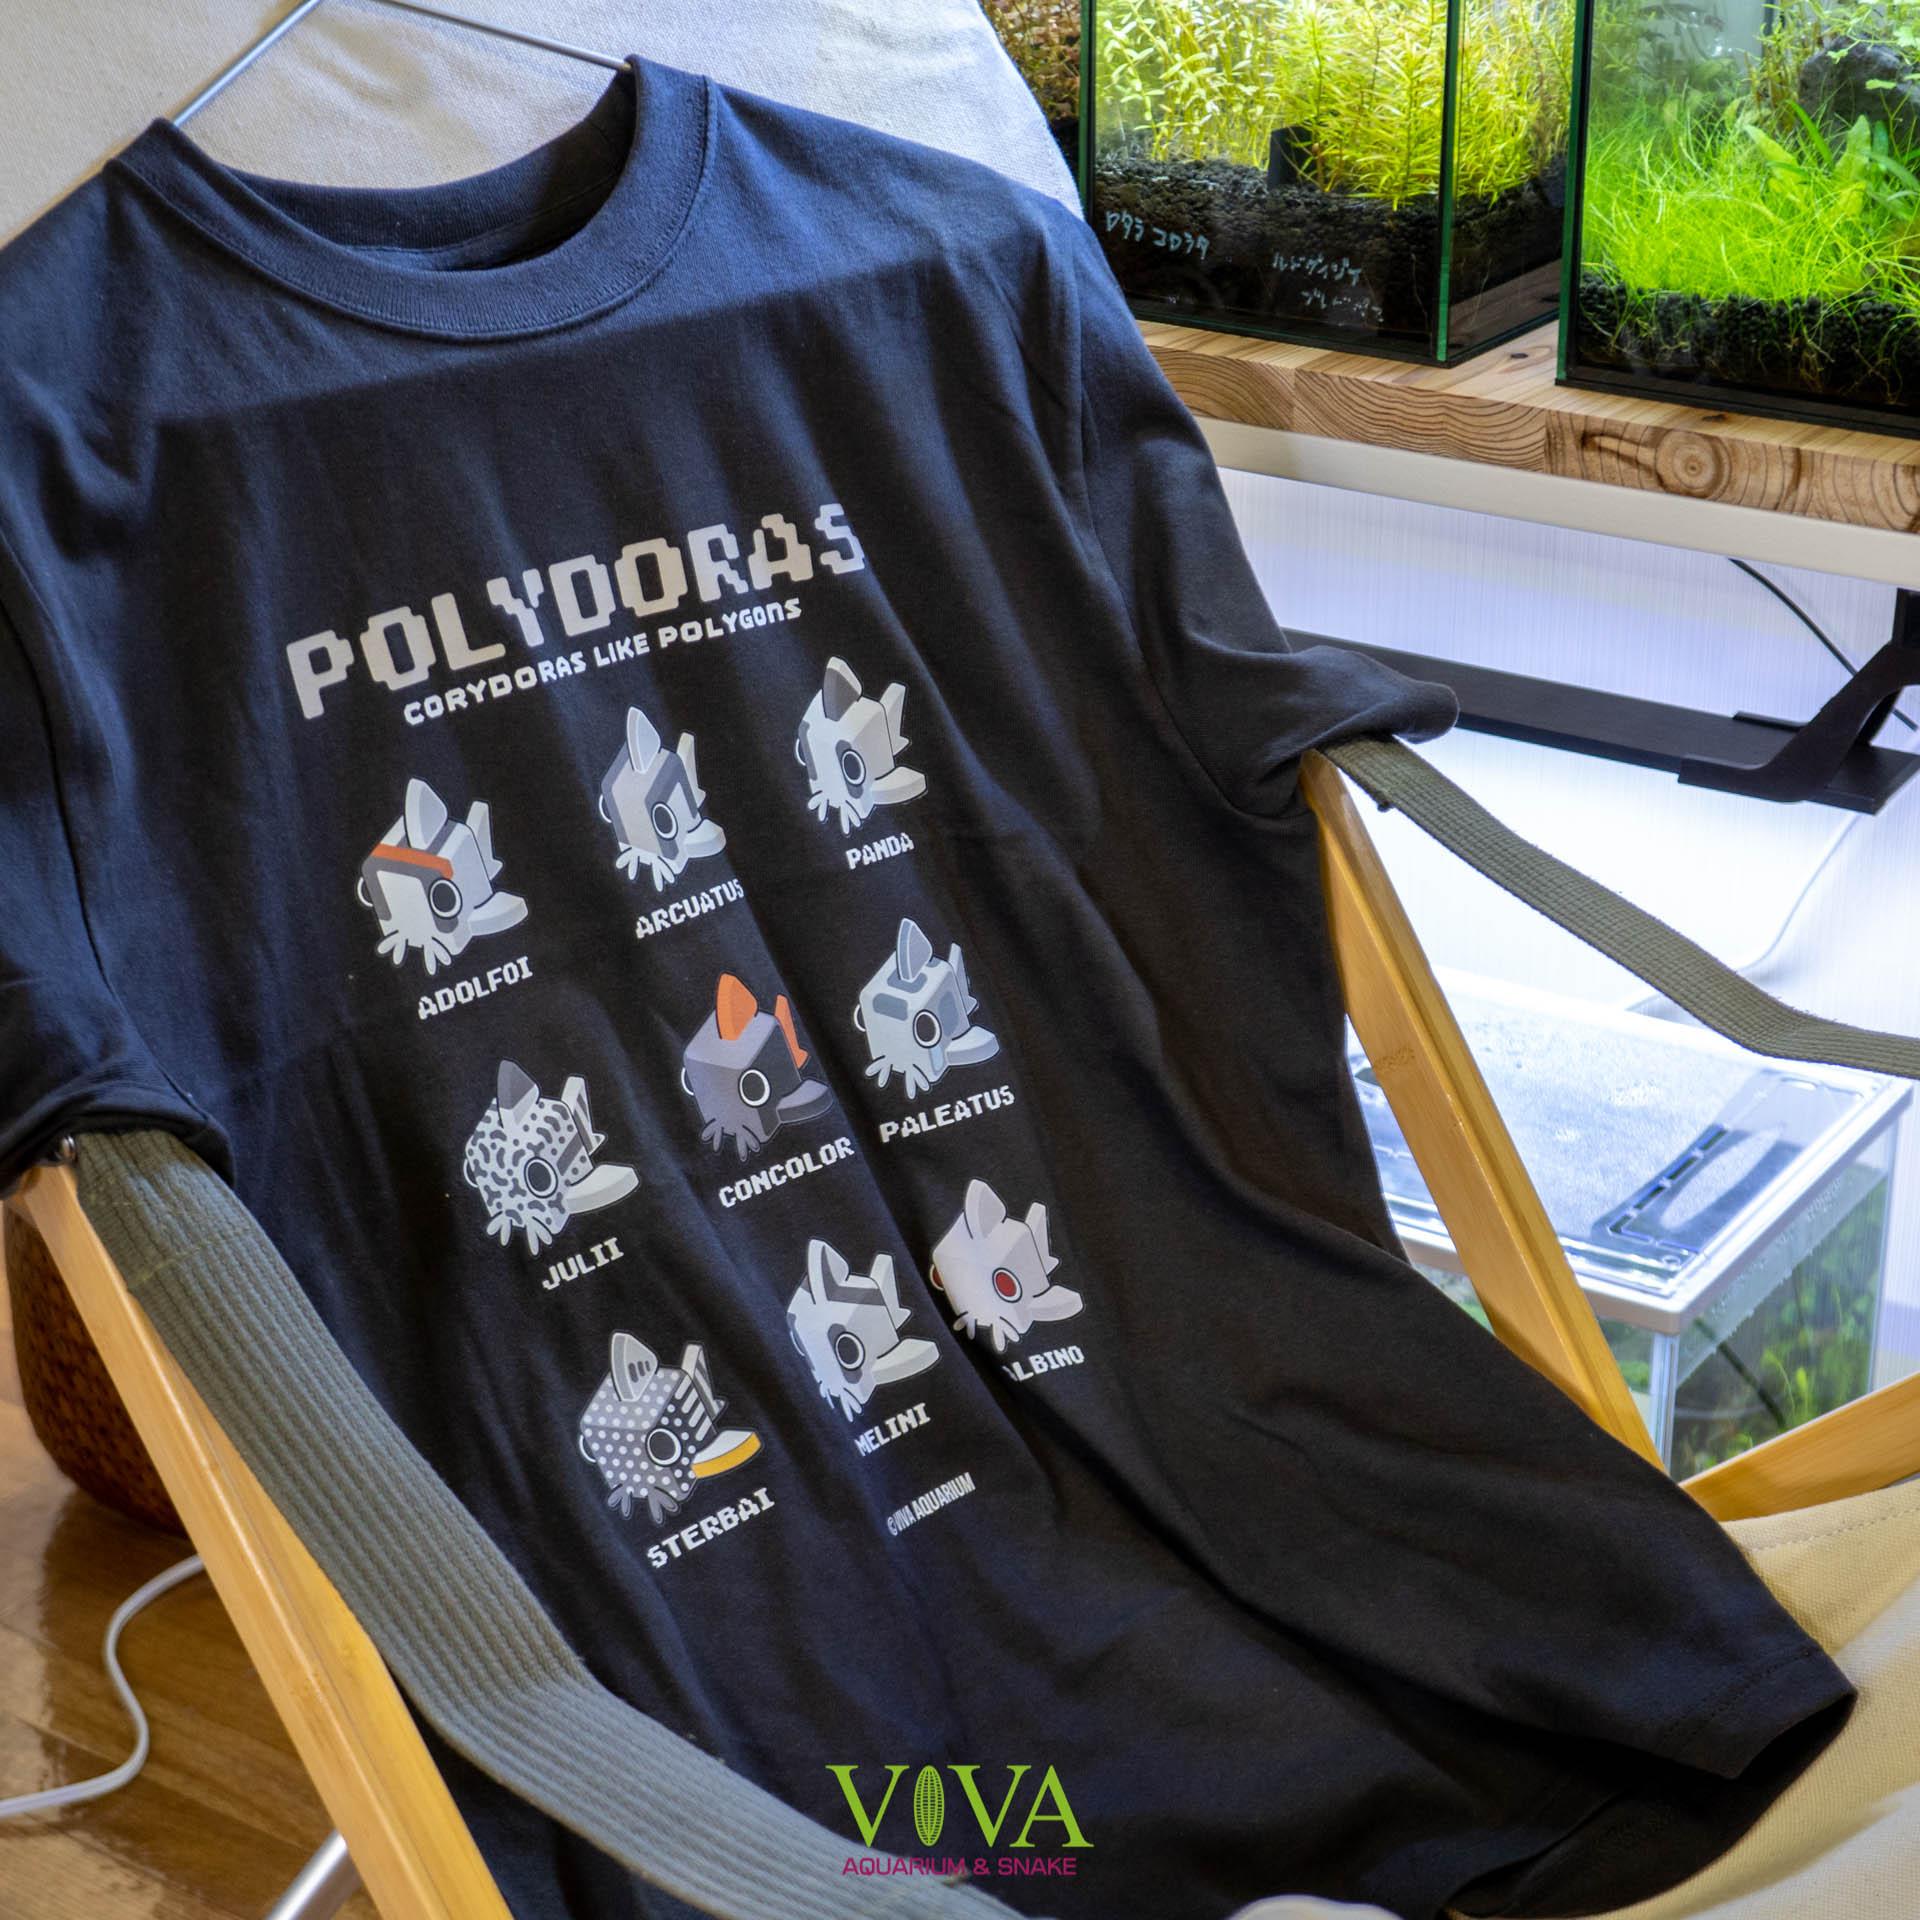 ポリドラスTシャツ販売開始!